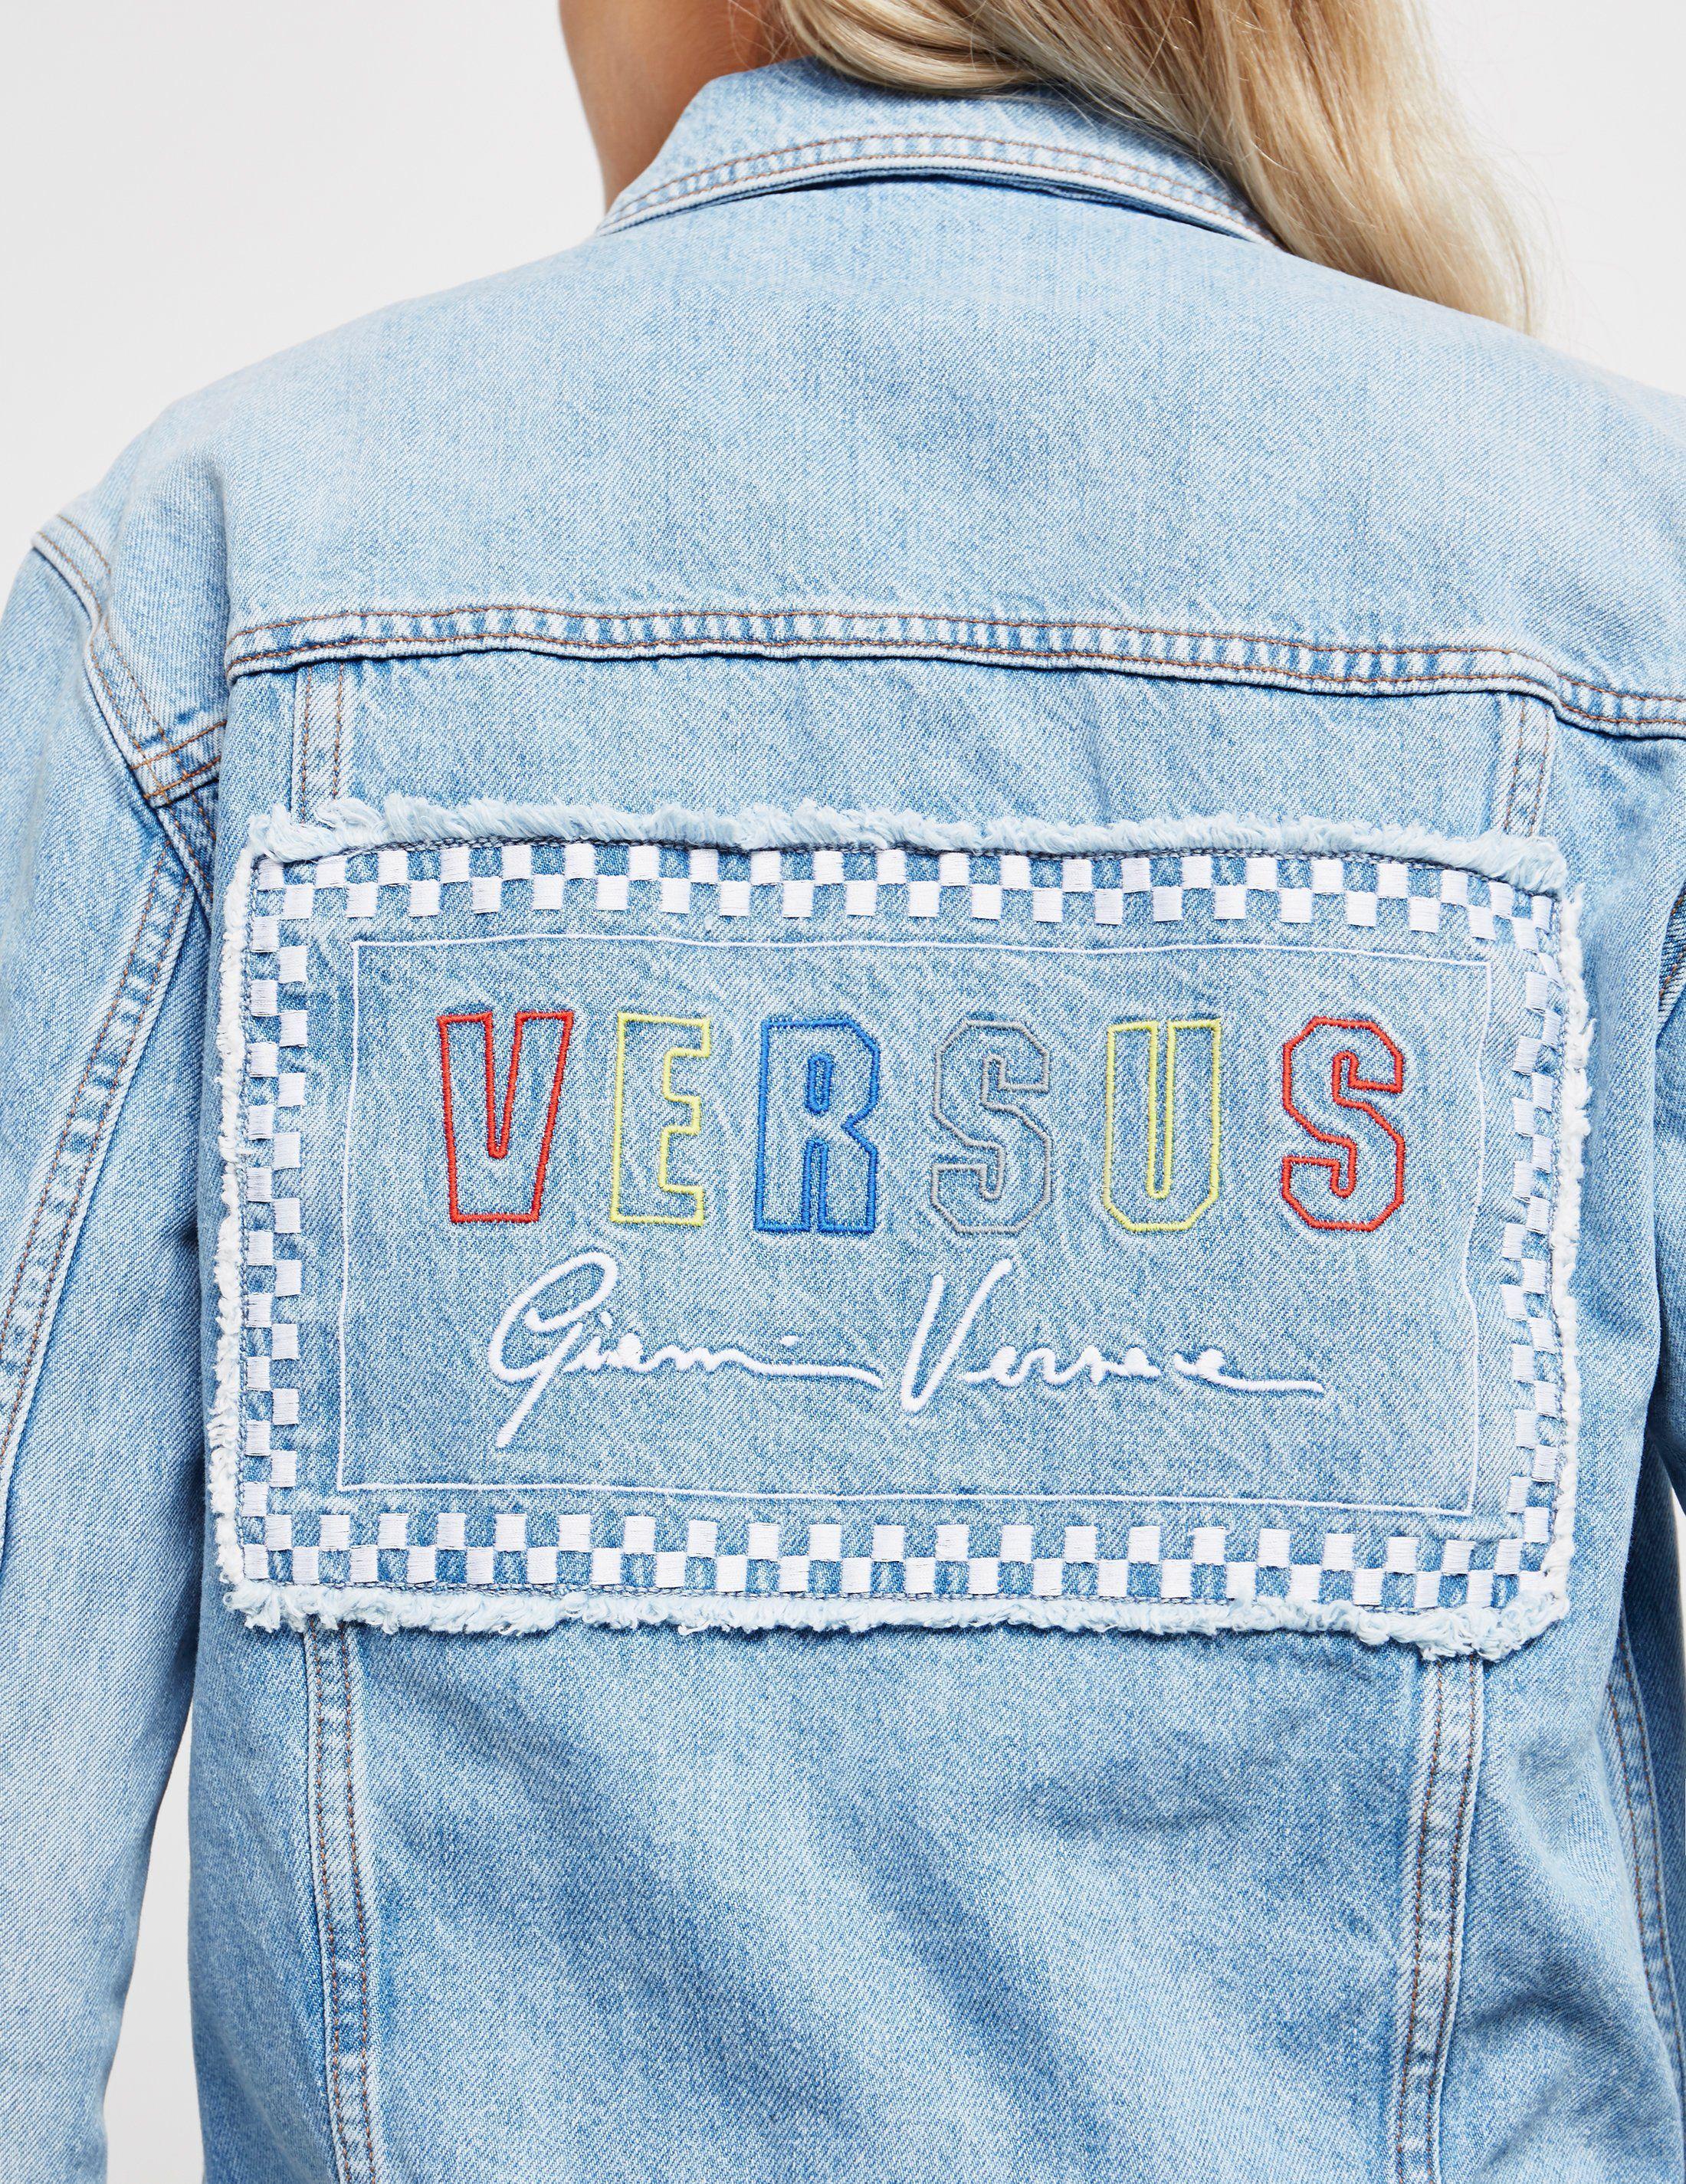 Versus Versace Gianni Denim Jacket